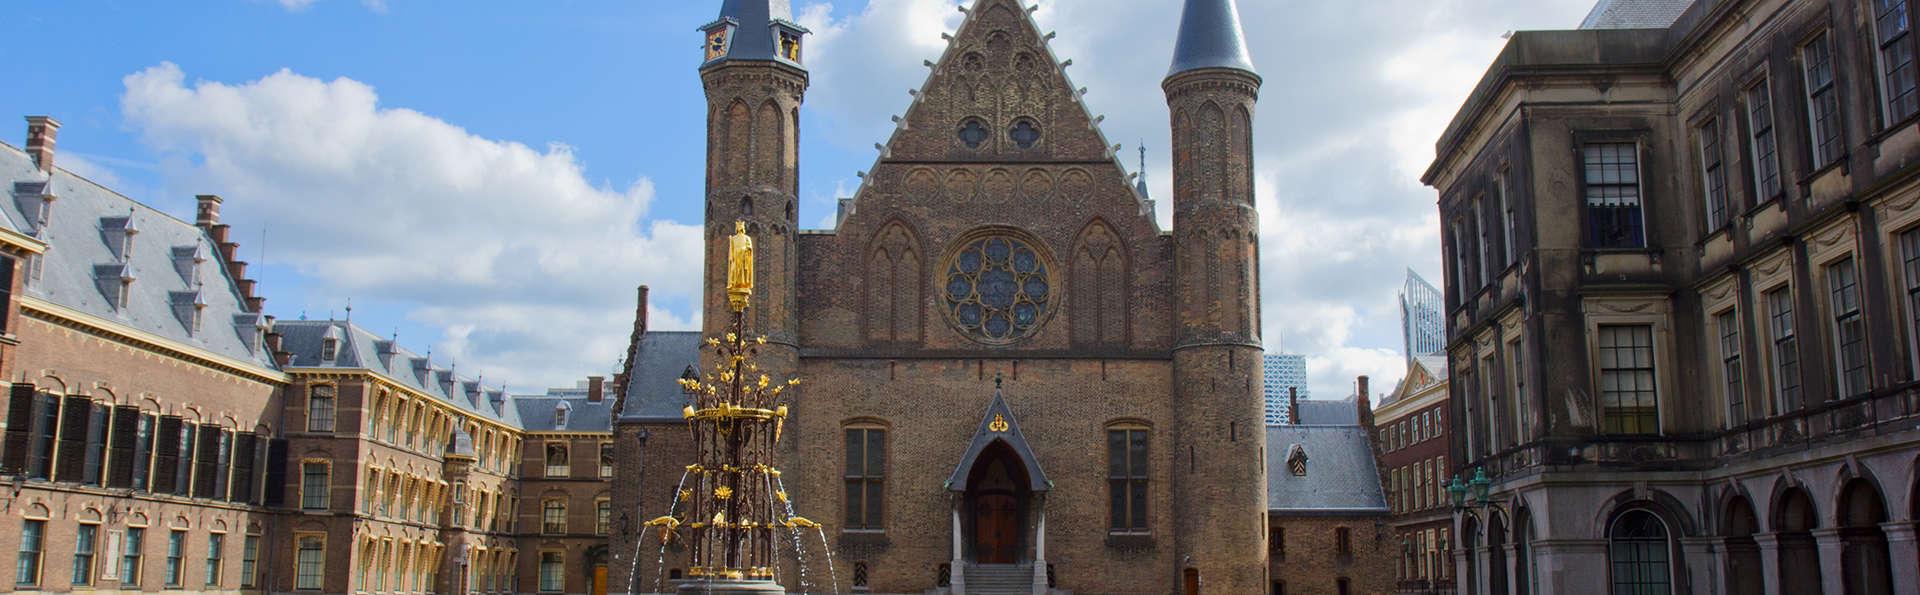 Magnifique city-trip plein de luxe et de confort près de La Haye